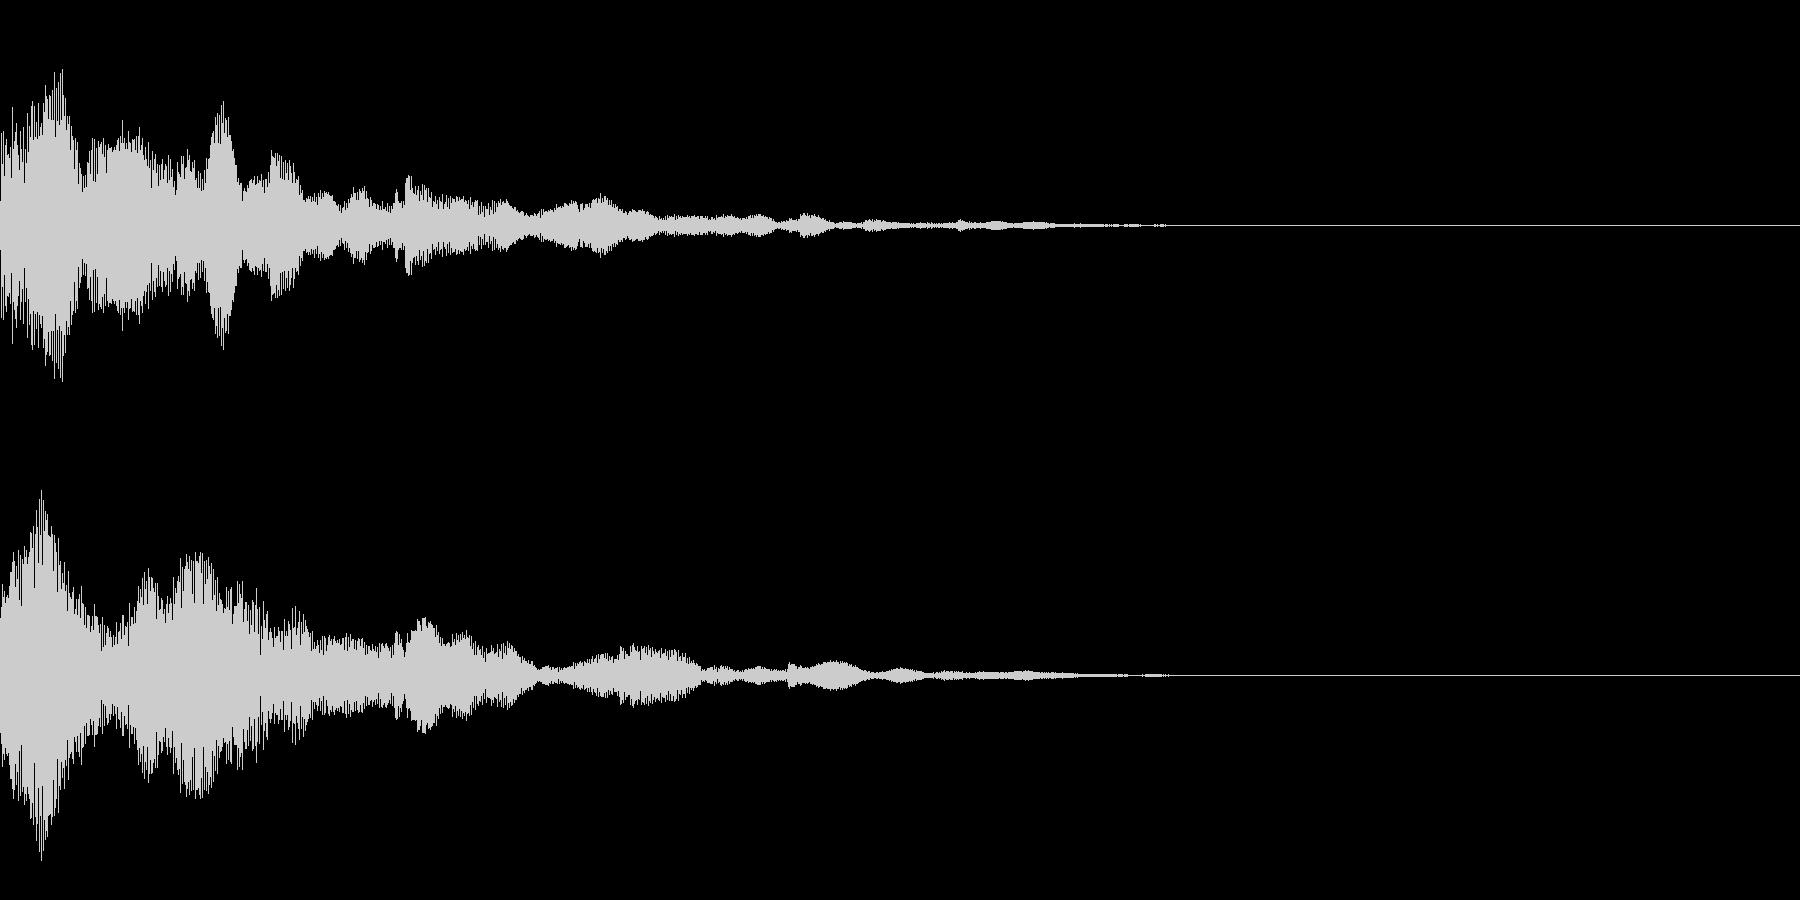 システム音34_Jの未再生の波形